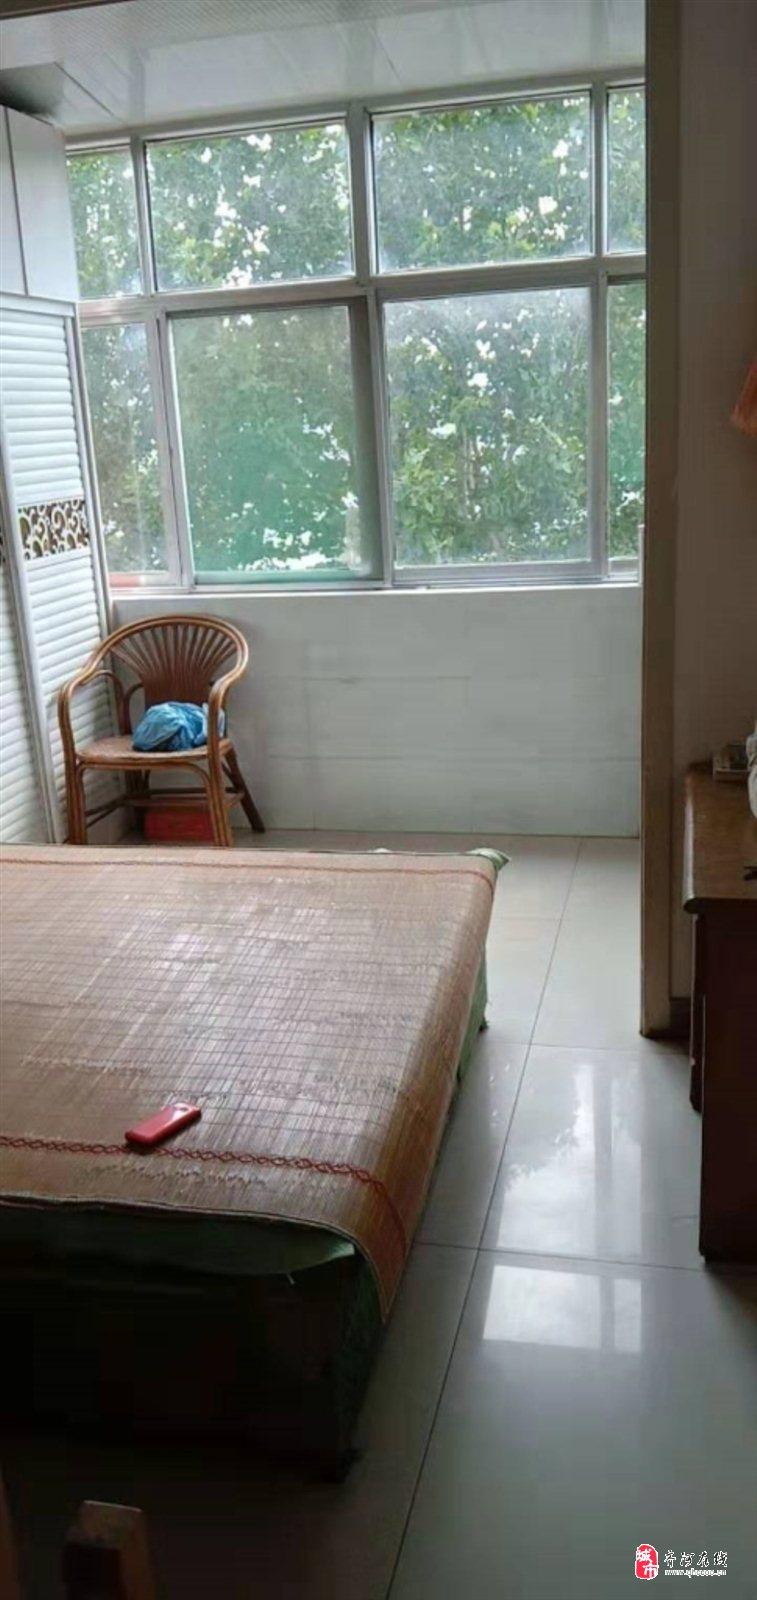 外贸小区3楼精装修2室2厅63万元一小三中学区